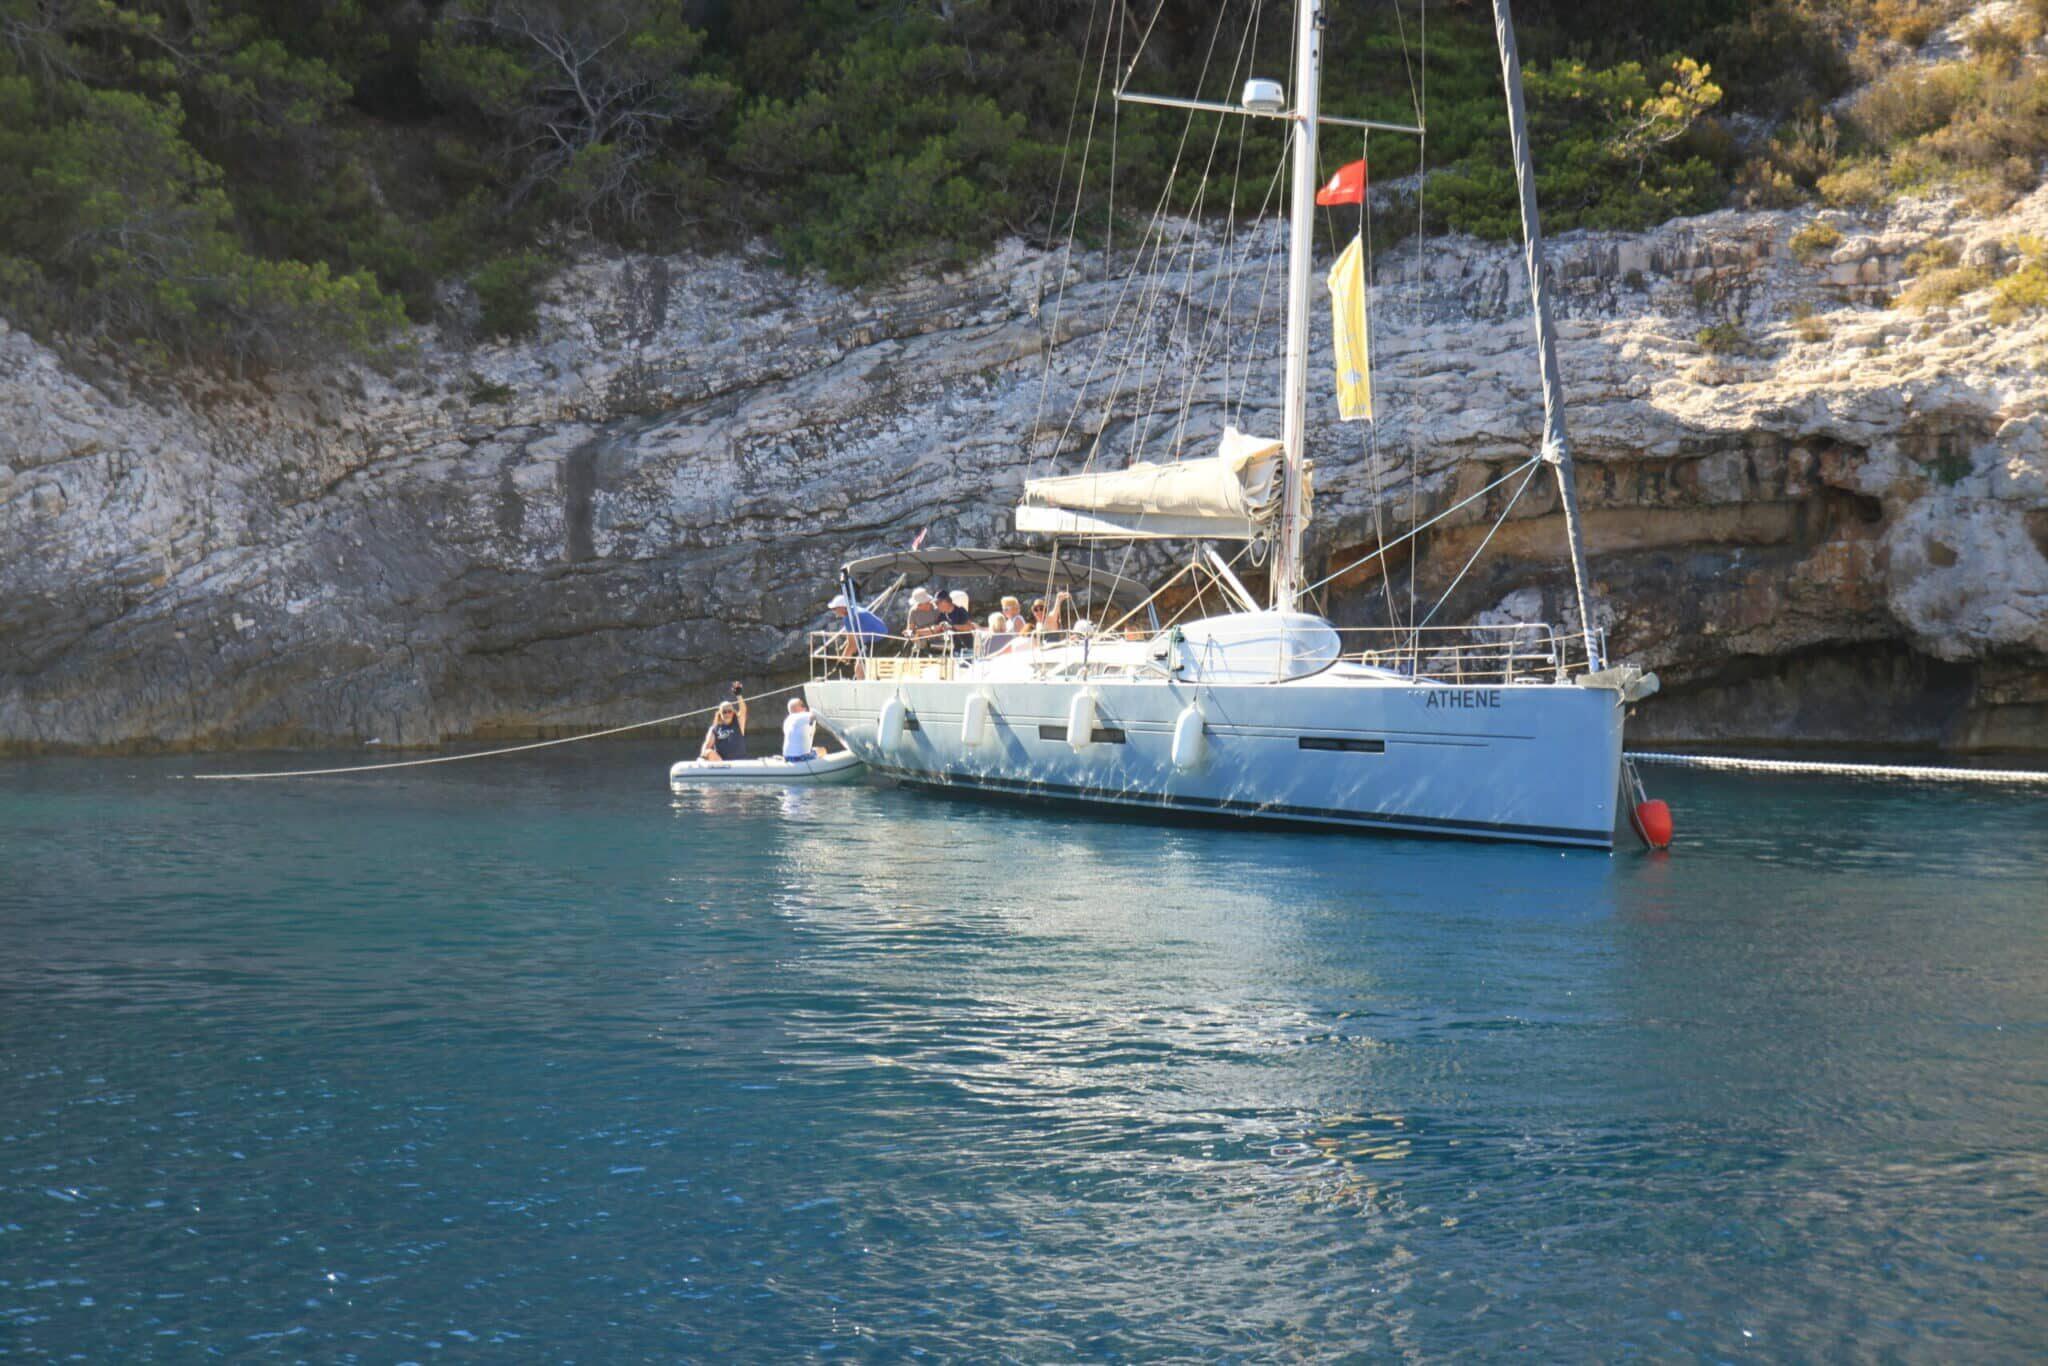 Mit modernen Segelyachten das Mittelmeer erkunden, entdecken und erleben.